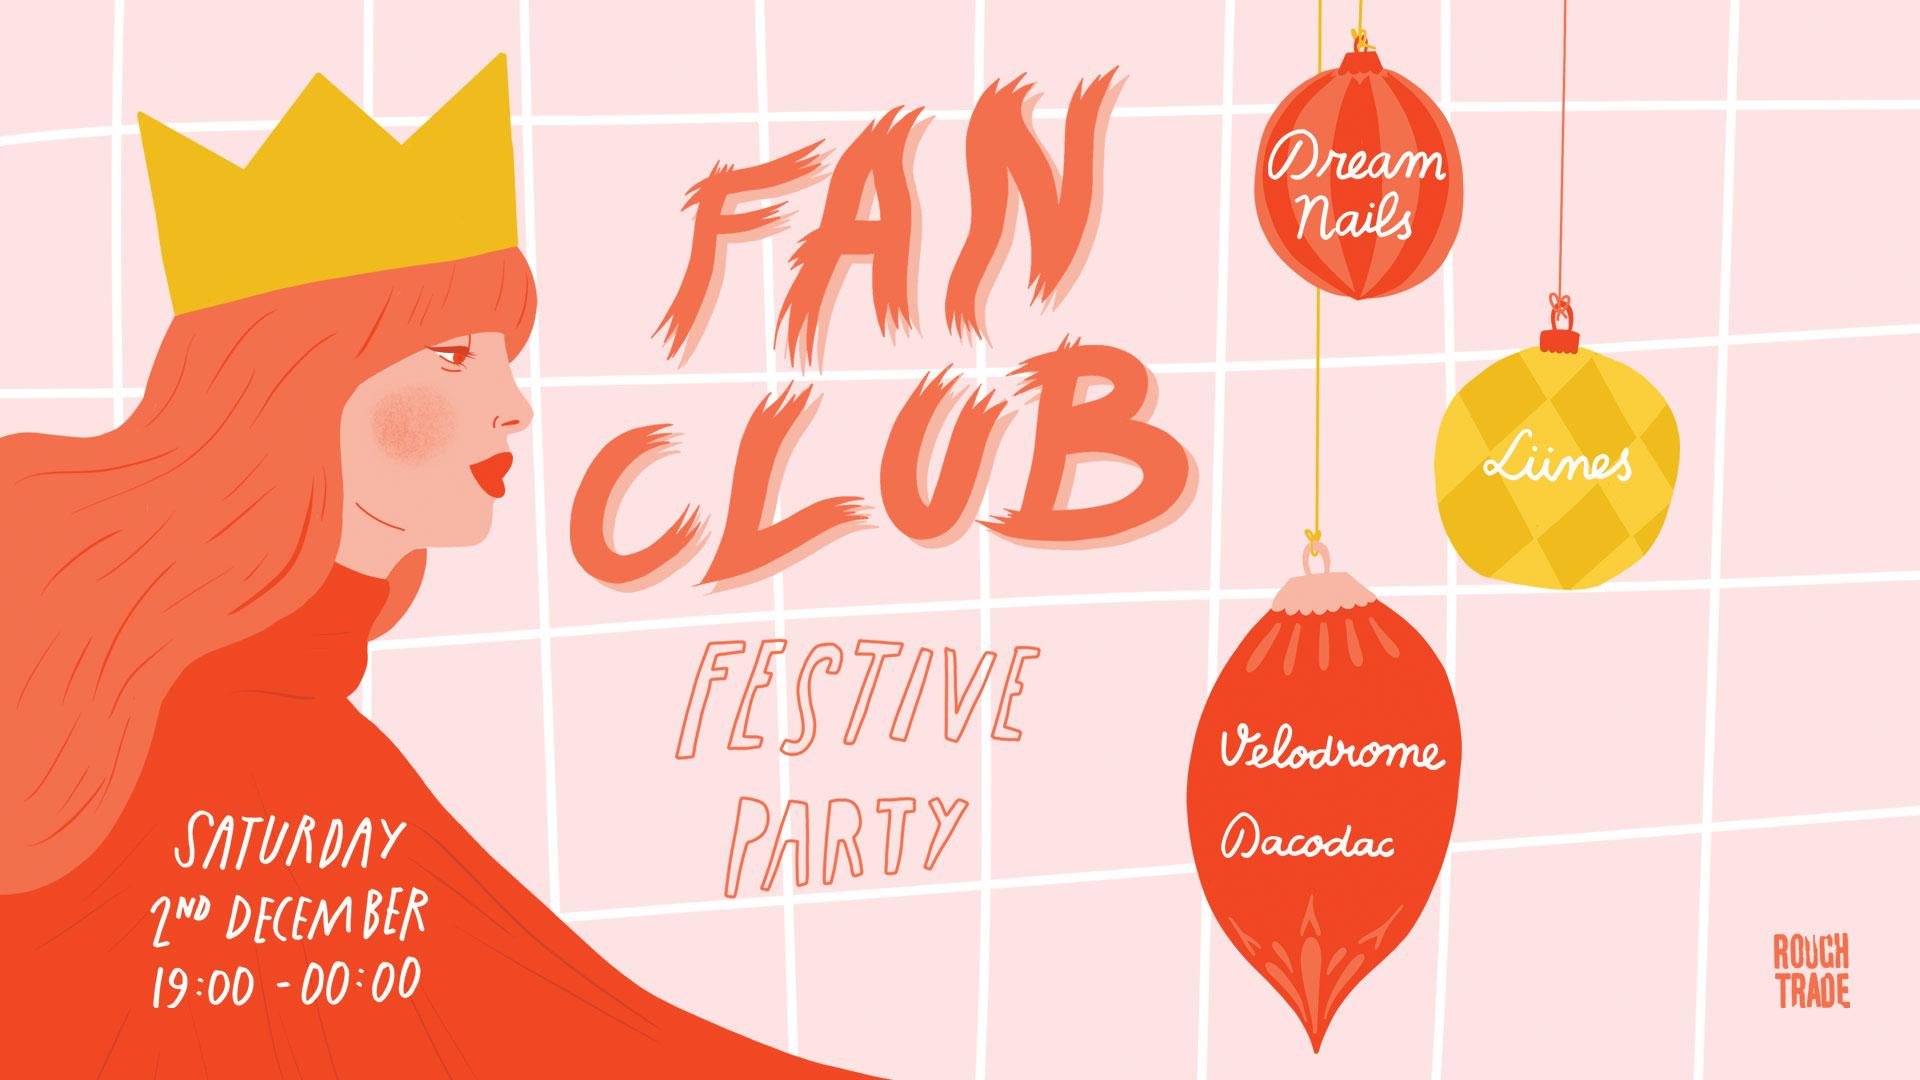 Fanclub_FBBanner.jpg